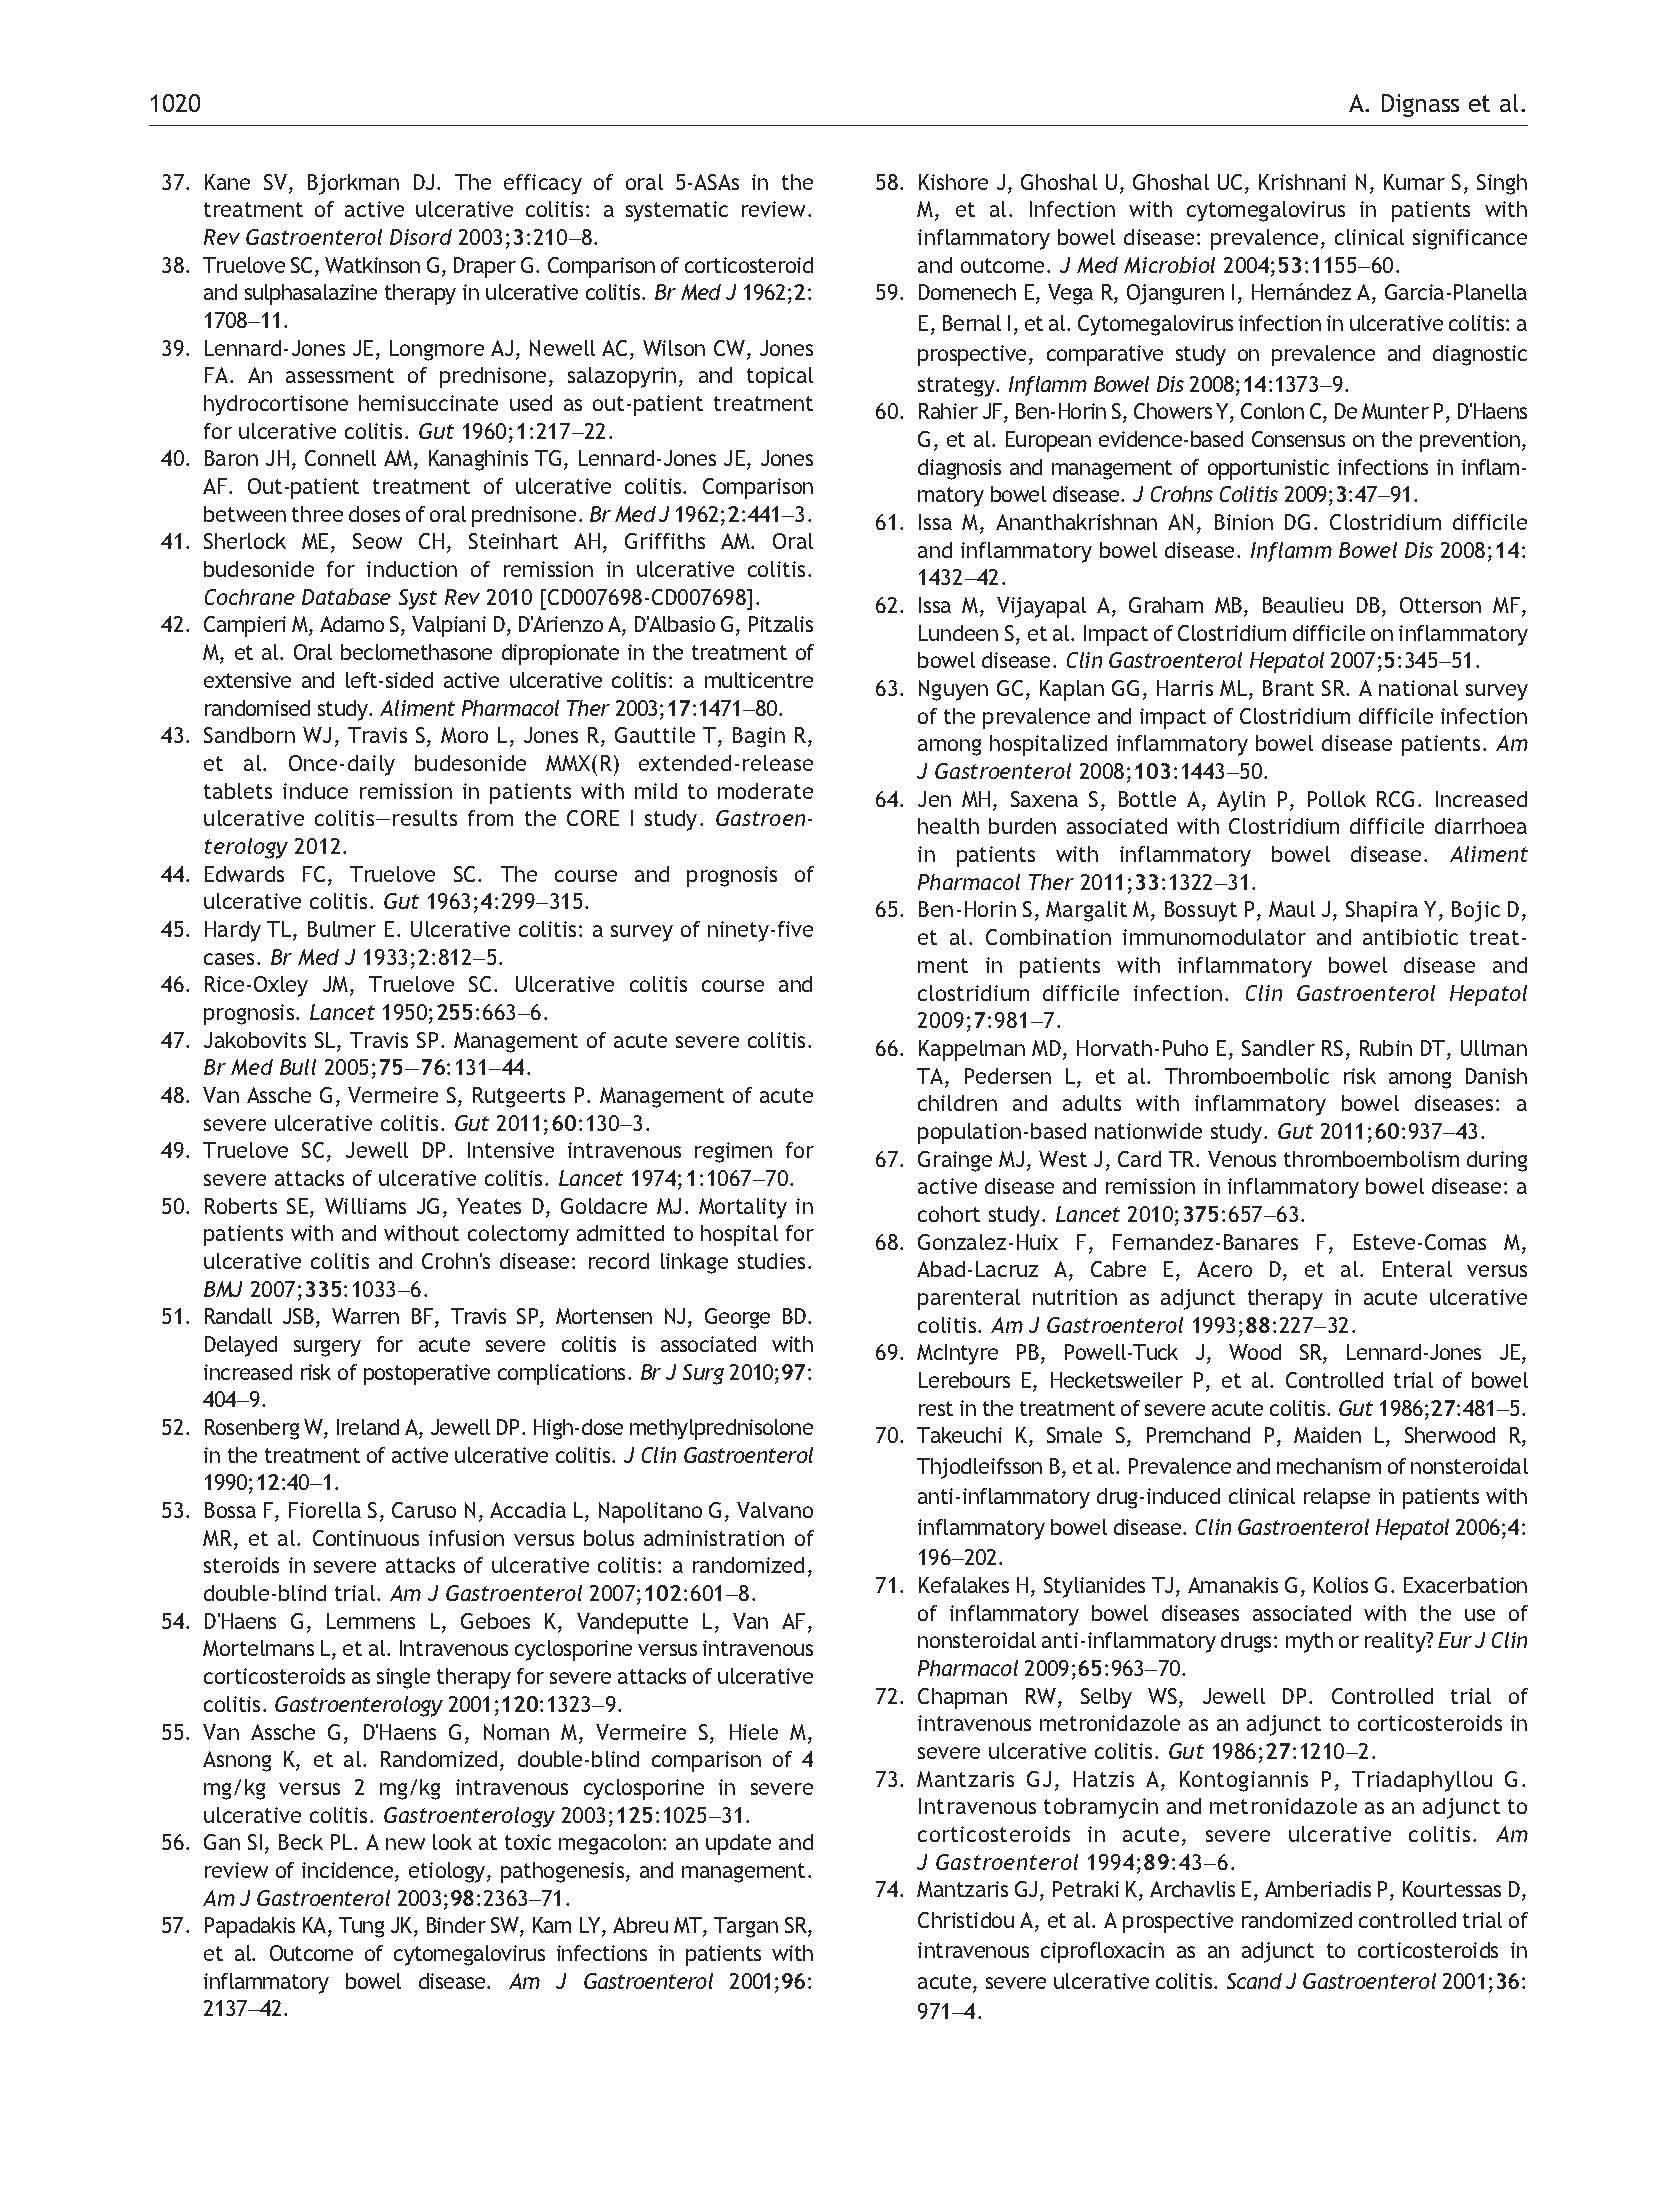 2012-ECCO第二版-欧洲询证共识:溃疡性结肠炎的诊断和处理—日常处理_页面_30.jpg